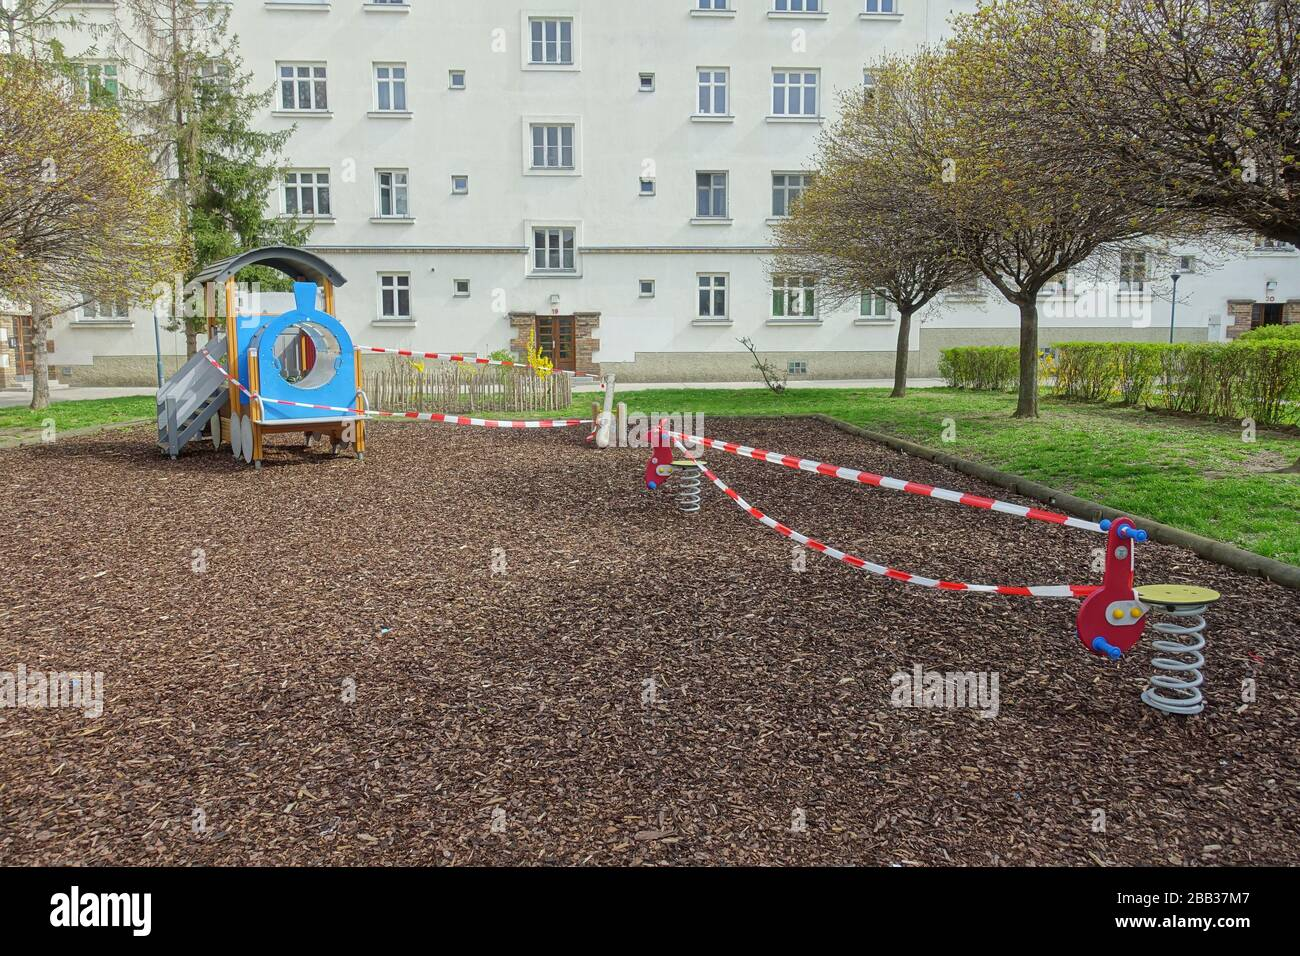 Wien, Maßnahmen gegen die Ausbreitung des Coronavirus, gesperrter Spielplatz - Vienne, action contre la propagation du virus Corona, aire de jeux fermée Banque D'Images